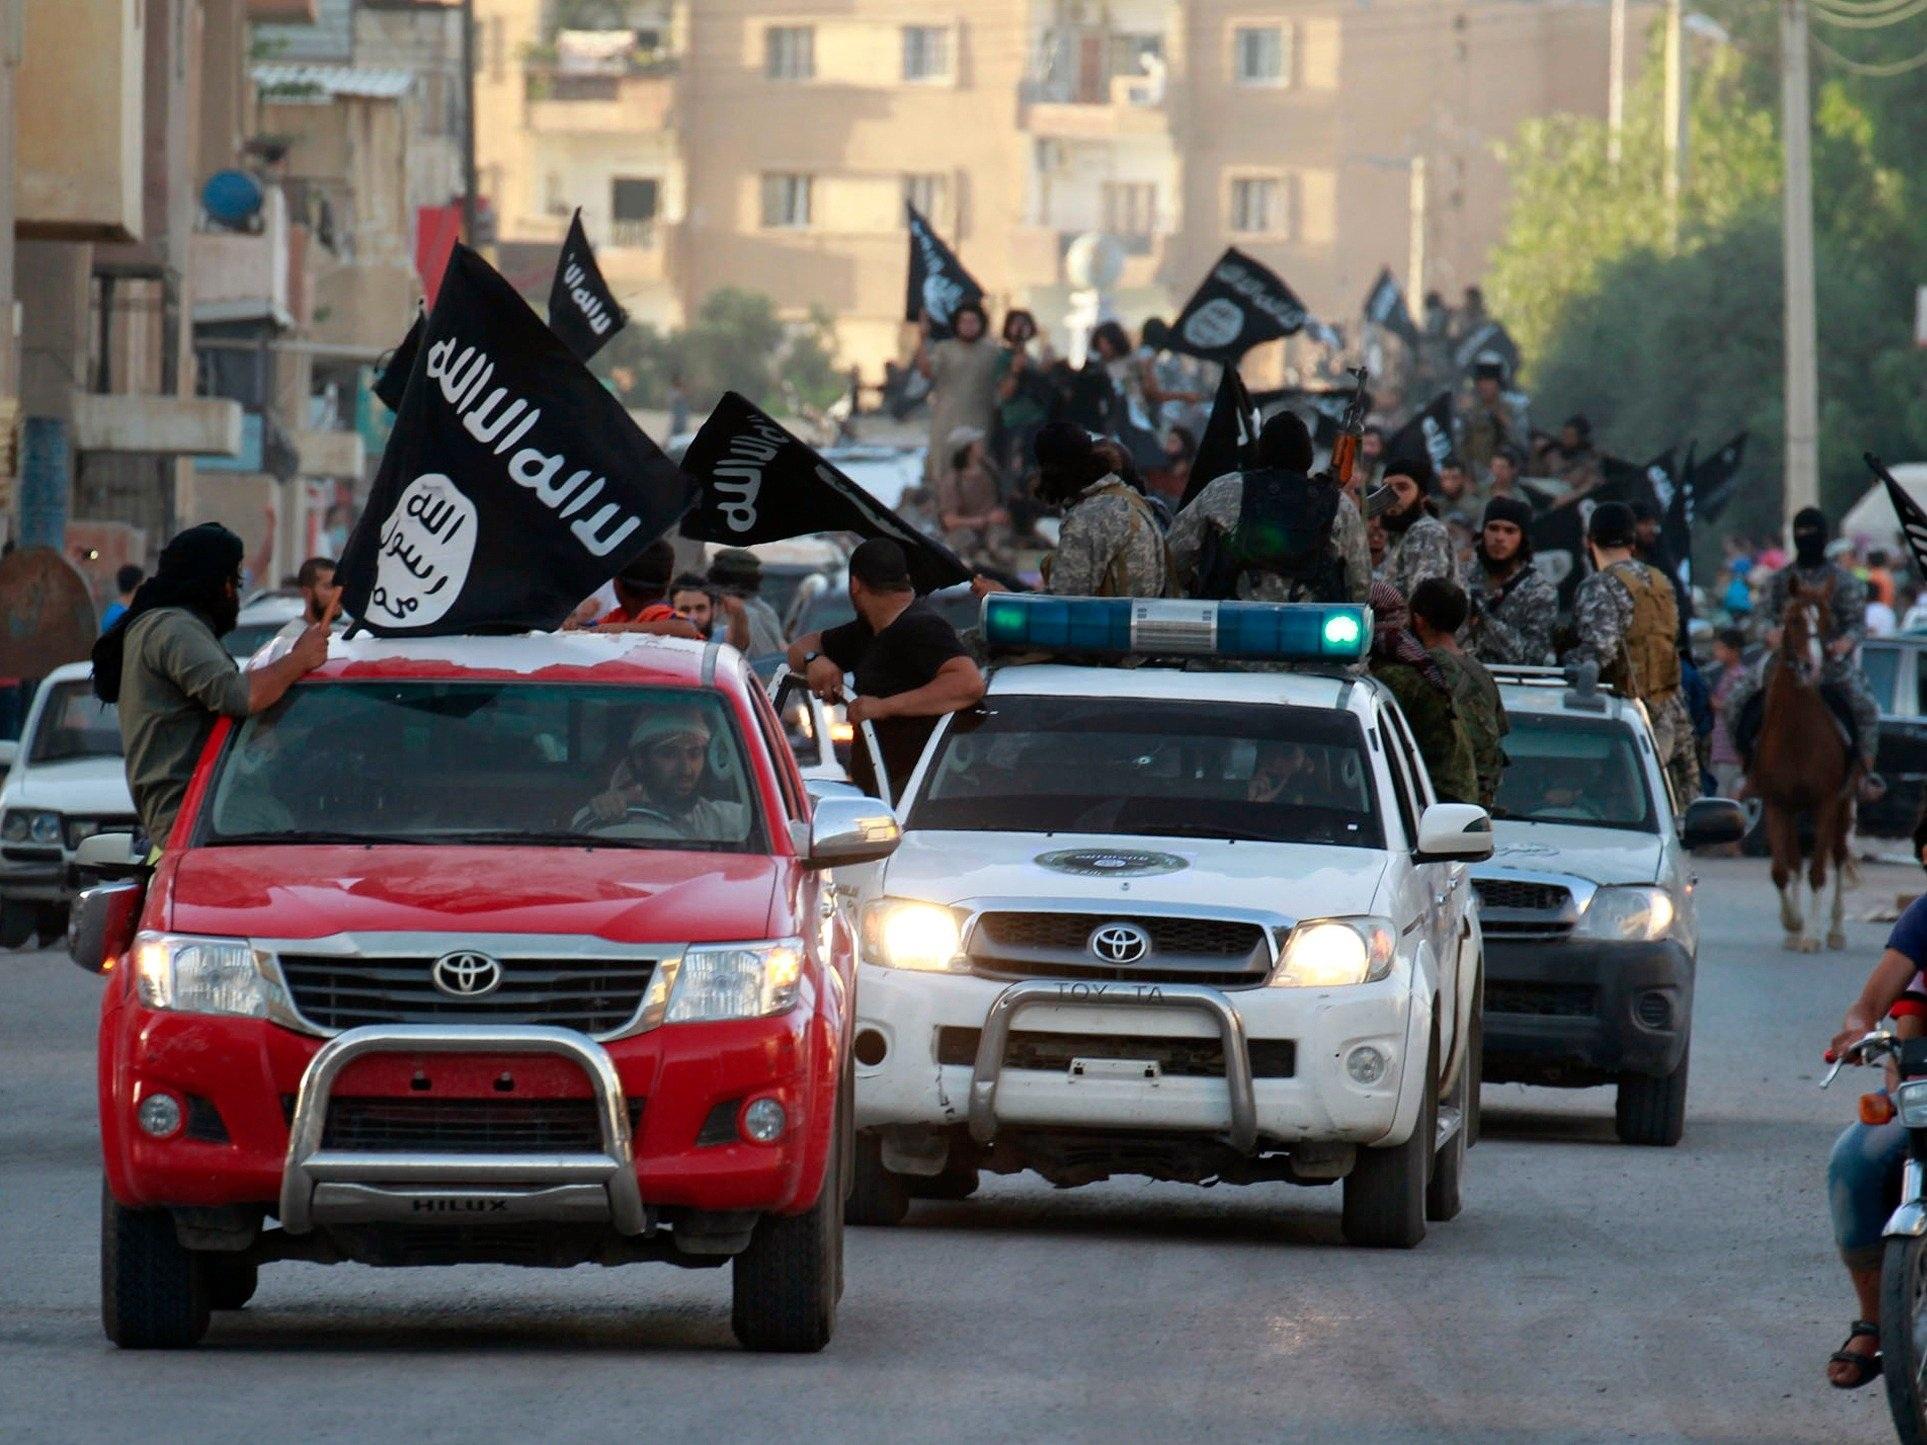 Xe bán tải Toyota xuất hiện trong nhiều cuộc diễu hành của các phần tử IS (Ảnh: ABC News)